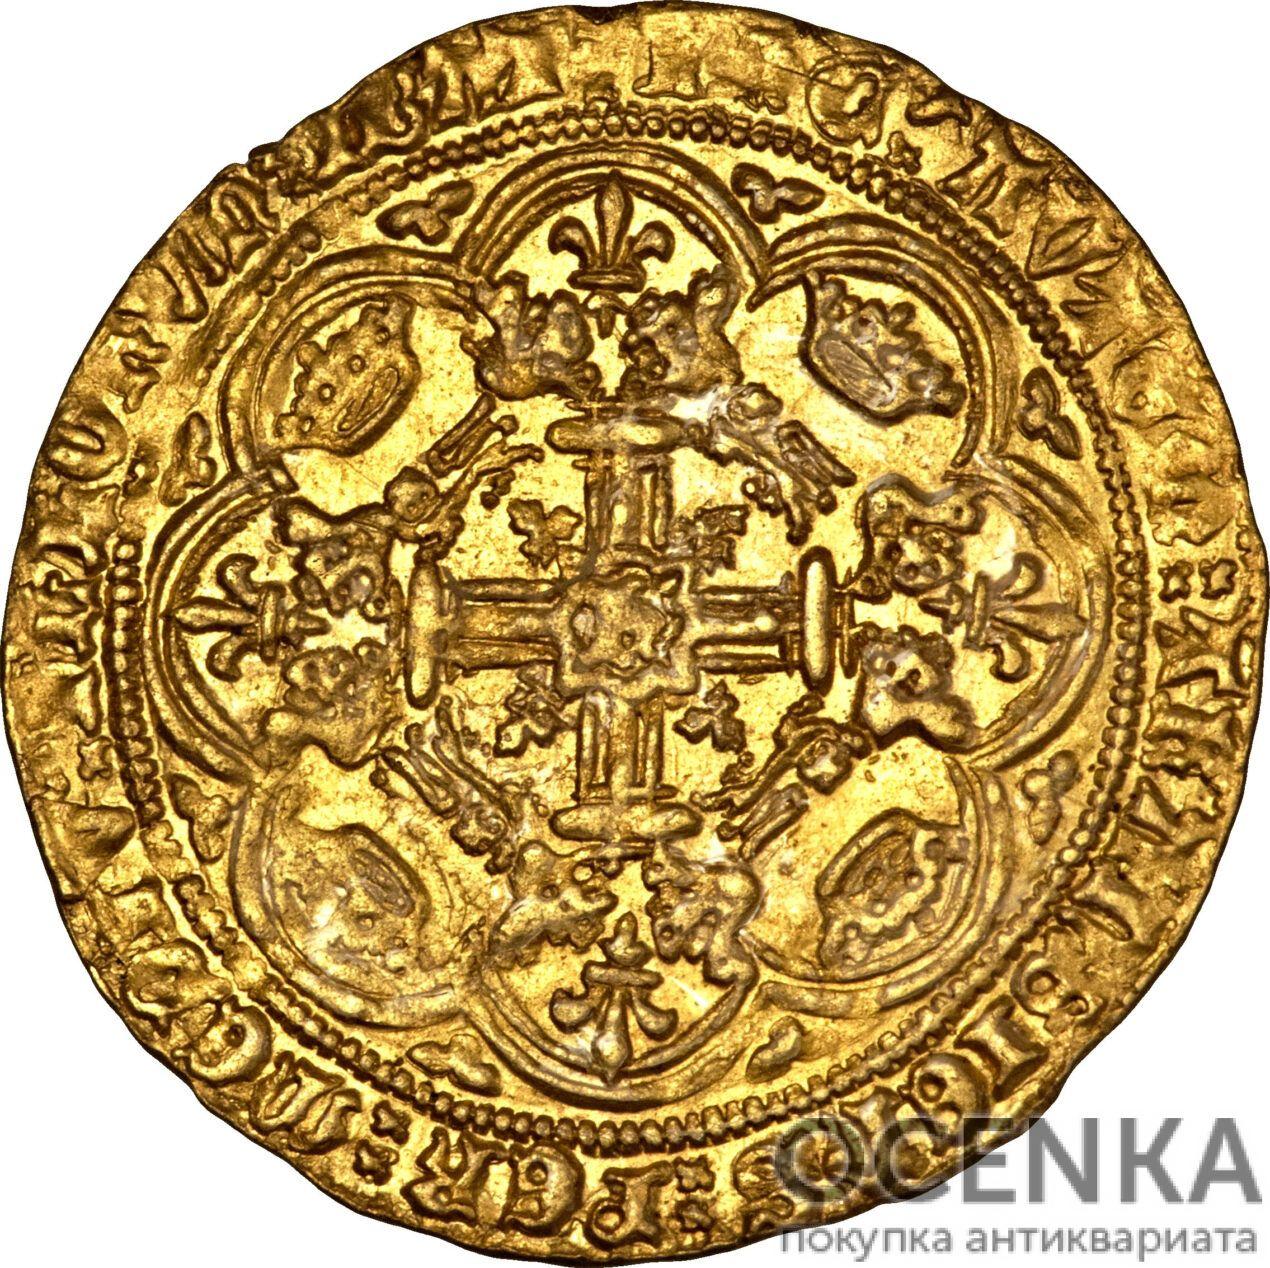 Золотая монета 1 Noble (нобль) Великобритания - 5